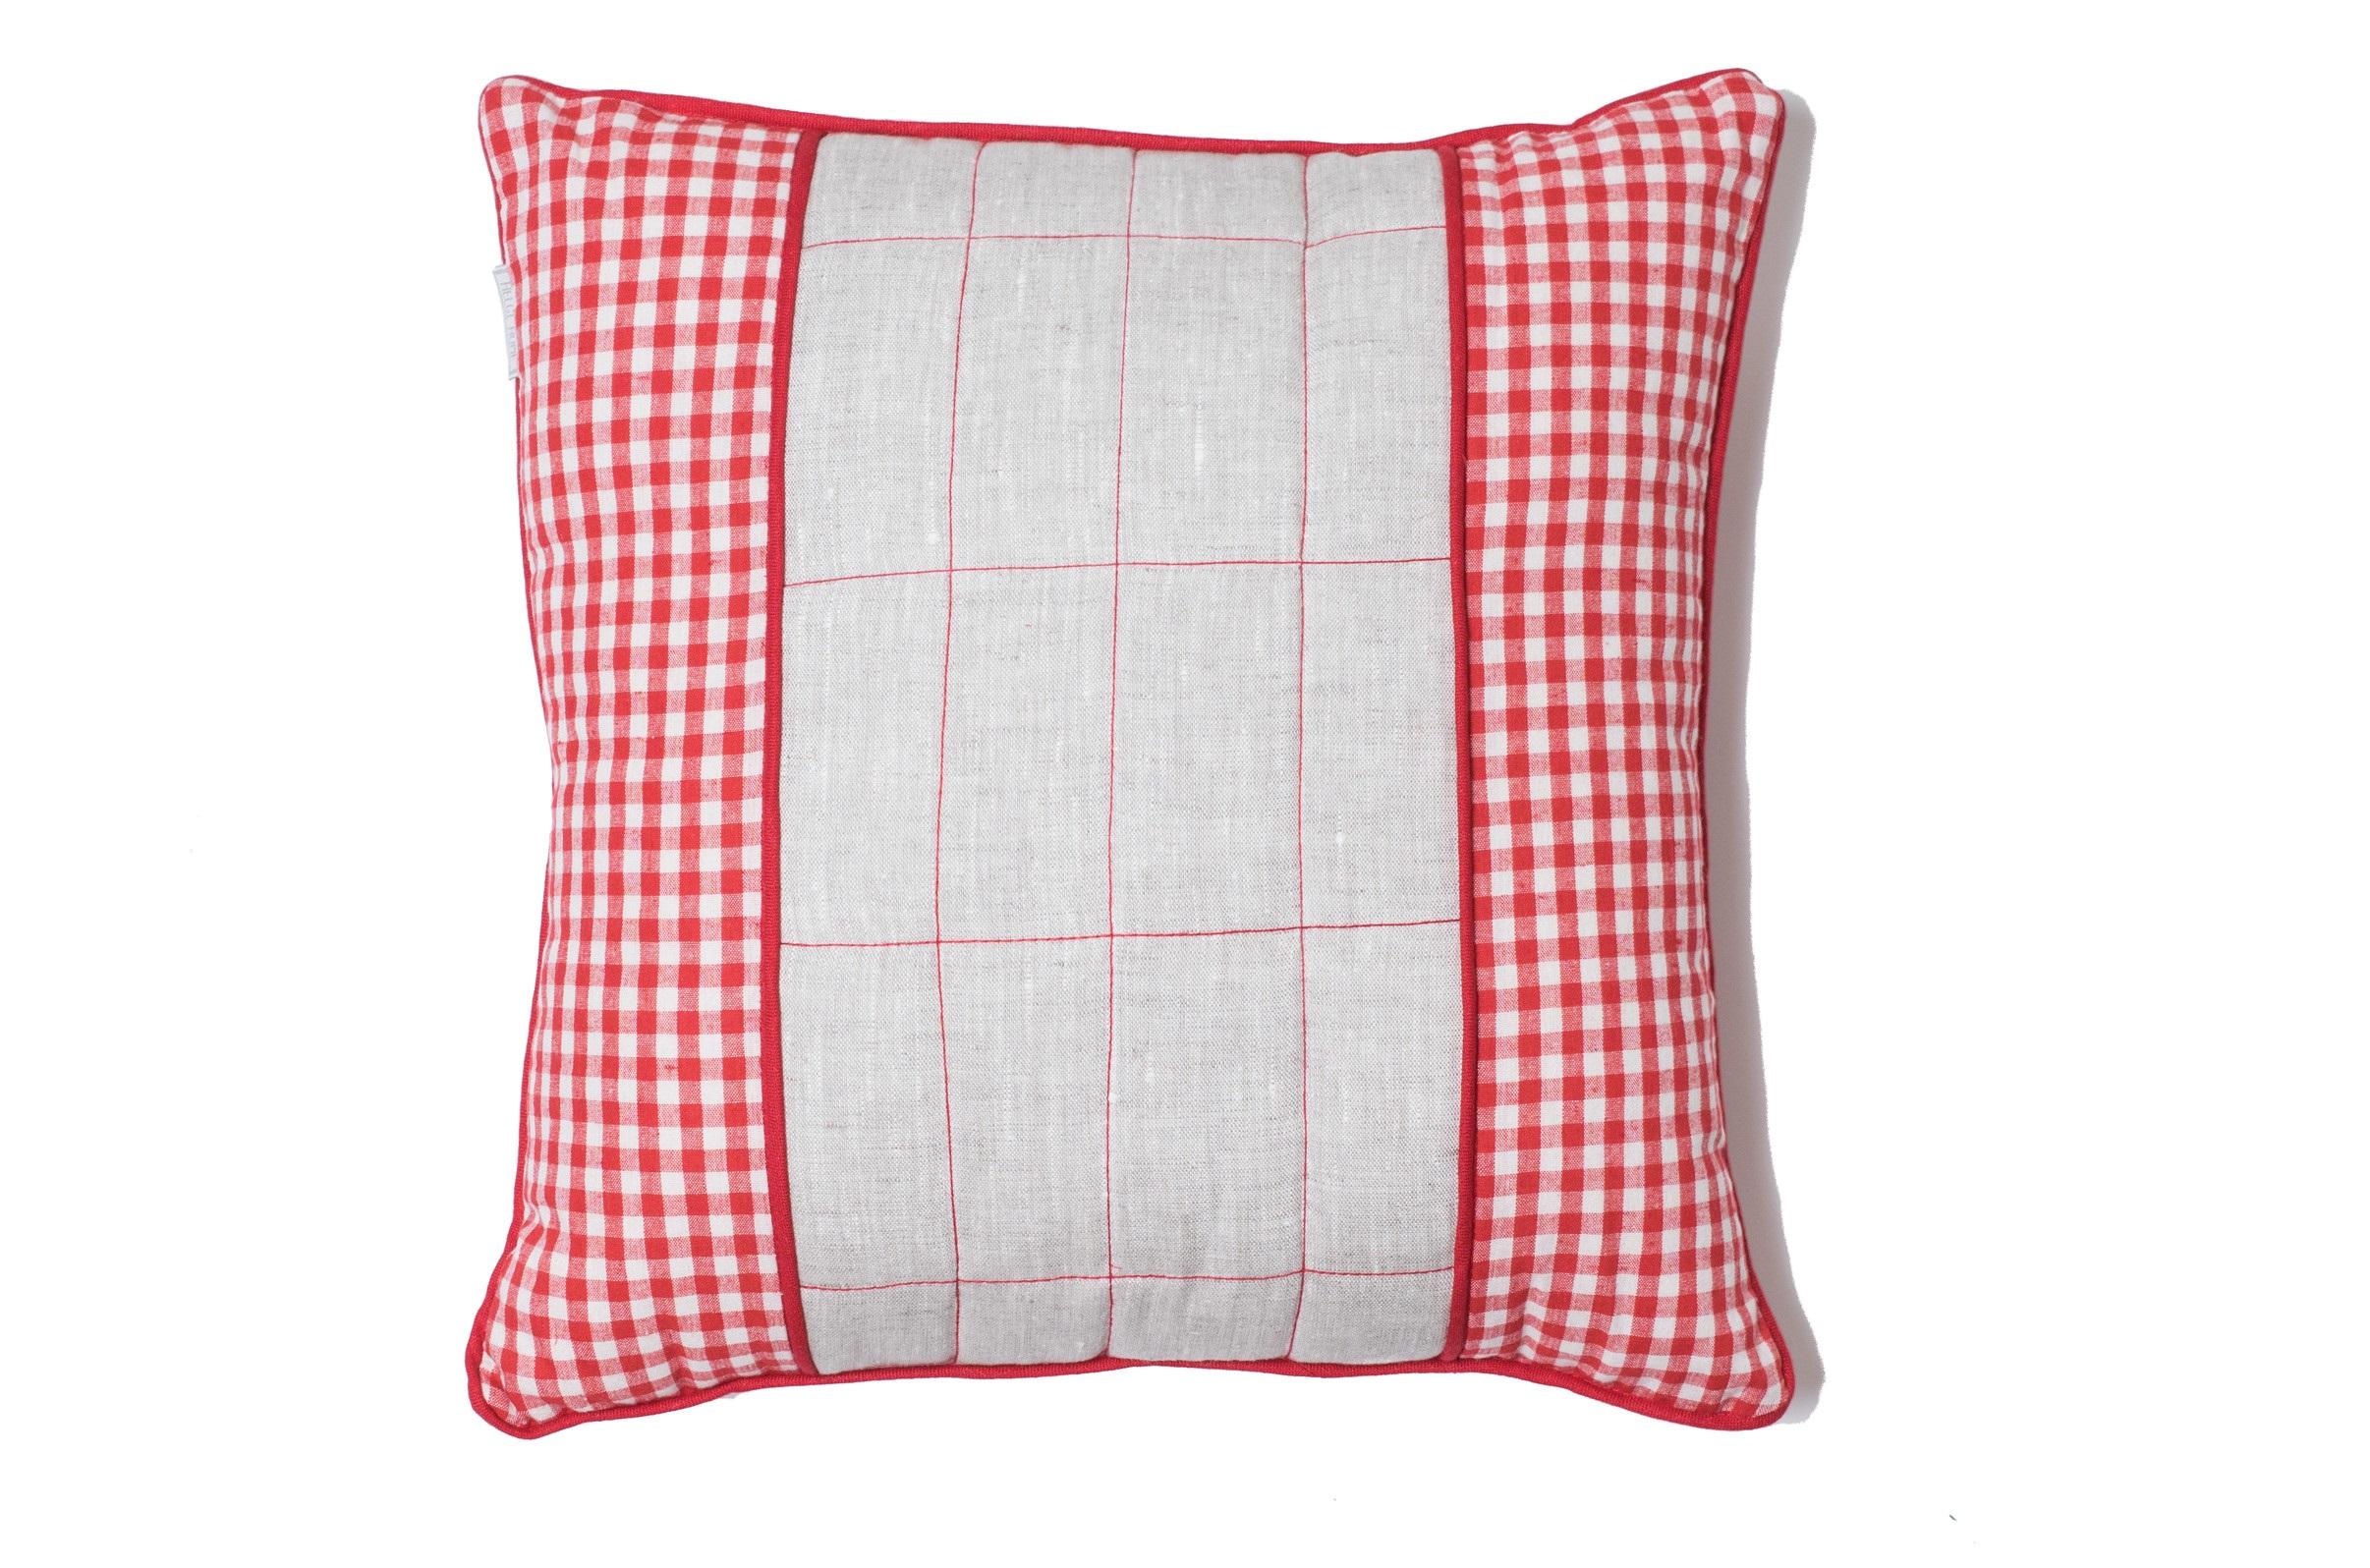 Подушка Датские вафлиКвадратные подушки и наволочки<br>Материал: хлопок 50% + лен 50%<br><br>Material: Хлопок